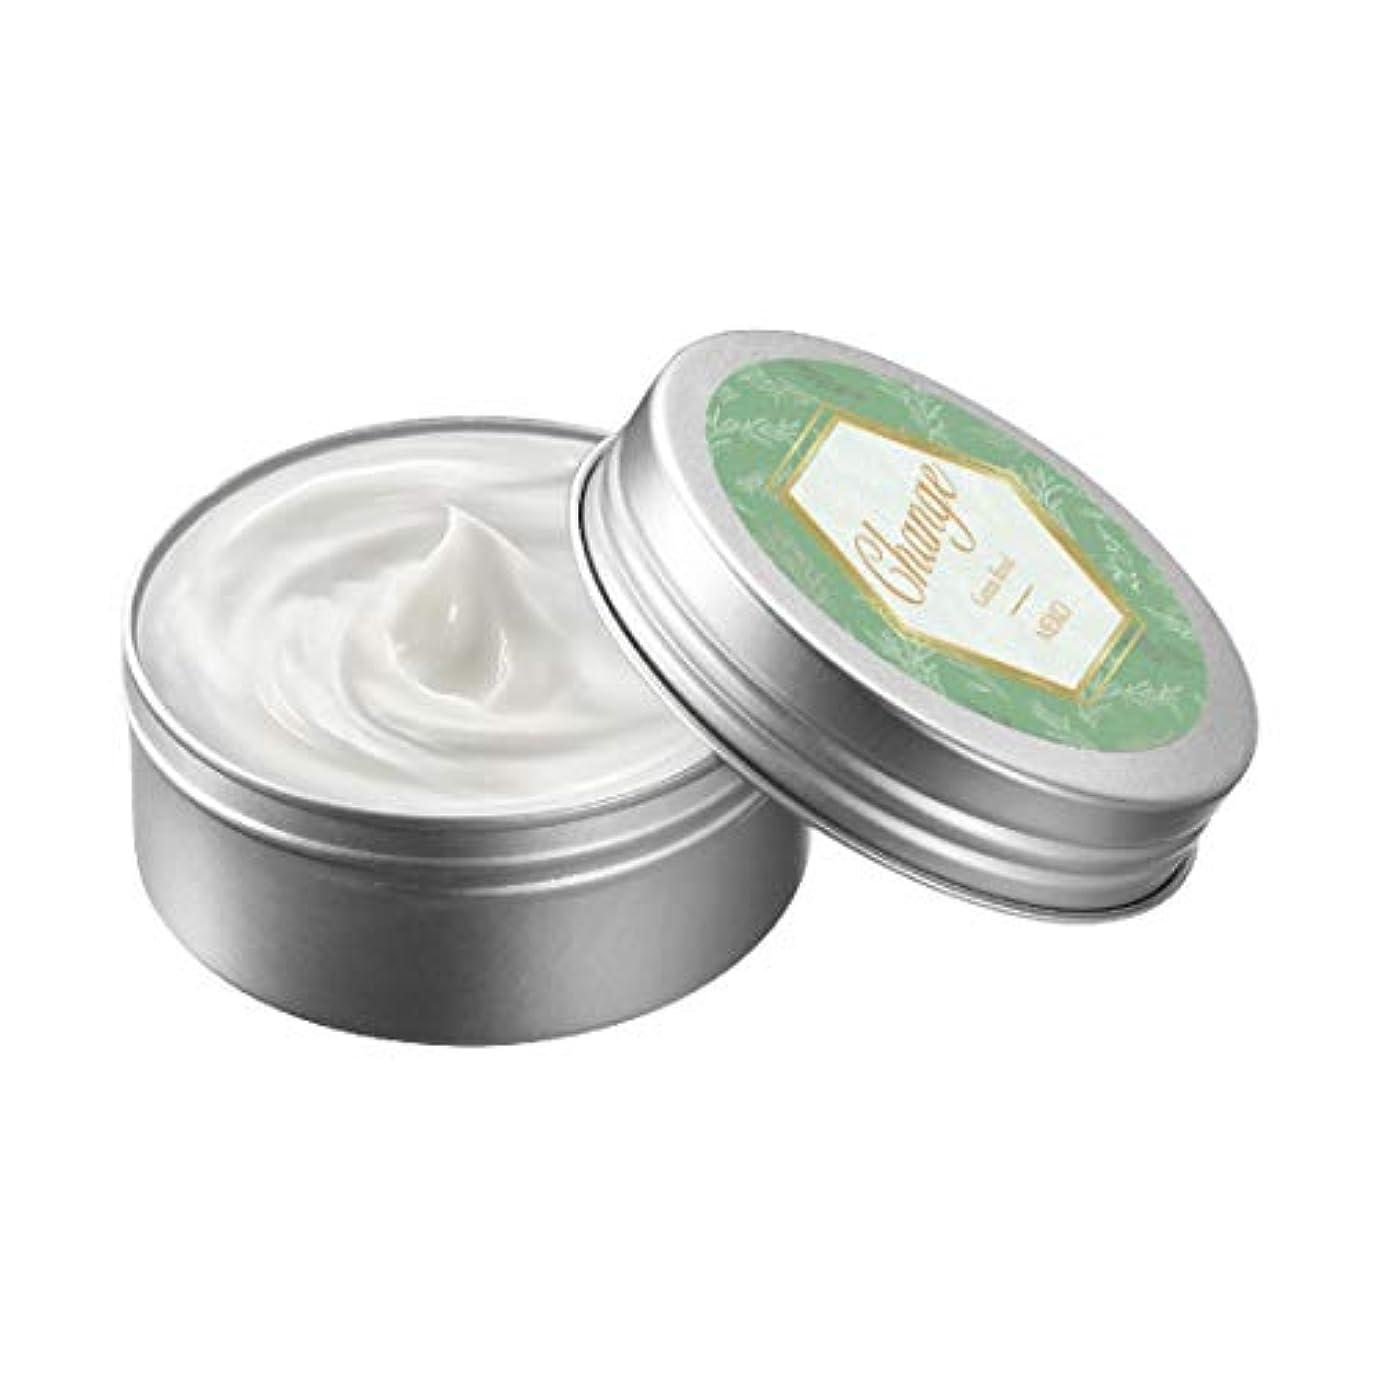 動力学嫌い乱すボディクリーム グリーンフローラルの香り 60g ( 全身 クリーム 顔 保湿 スキンケア ハンドケア 全身クリーム )【 メイコー メイコー化粧品 】